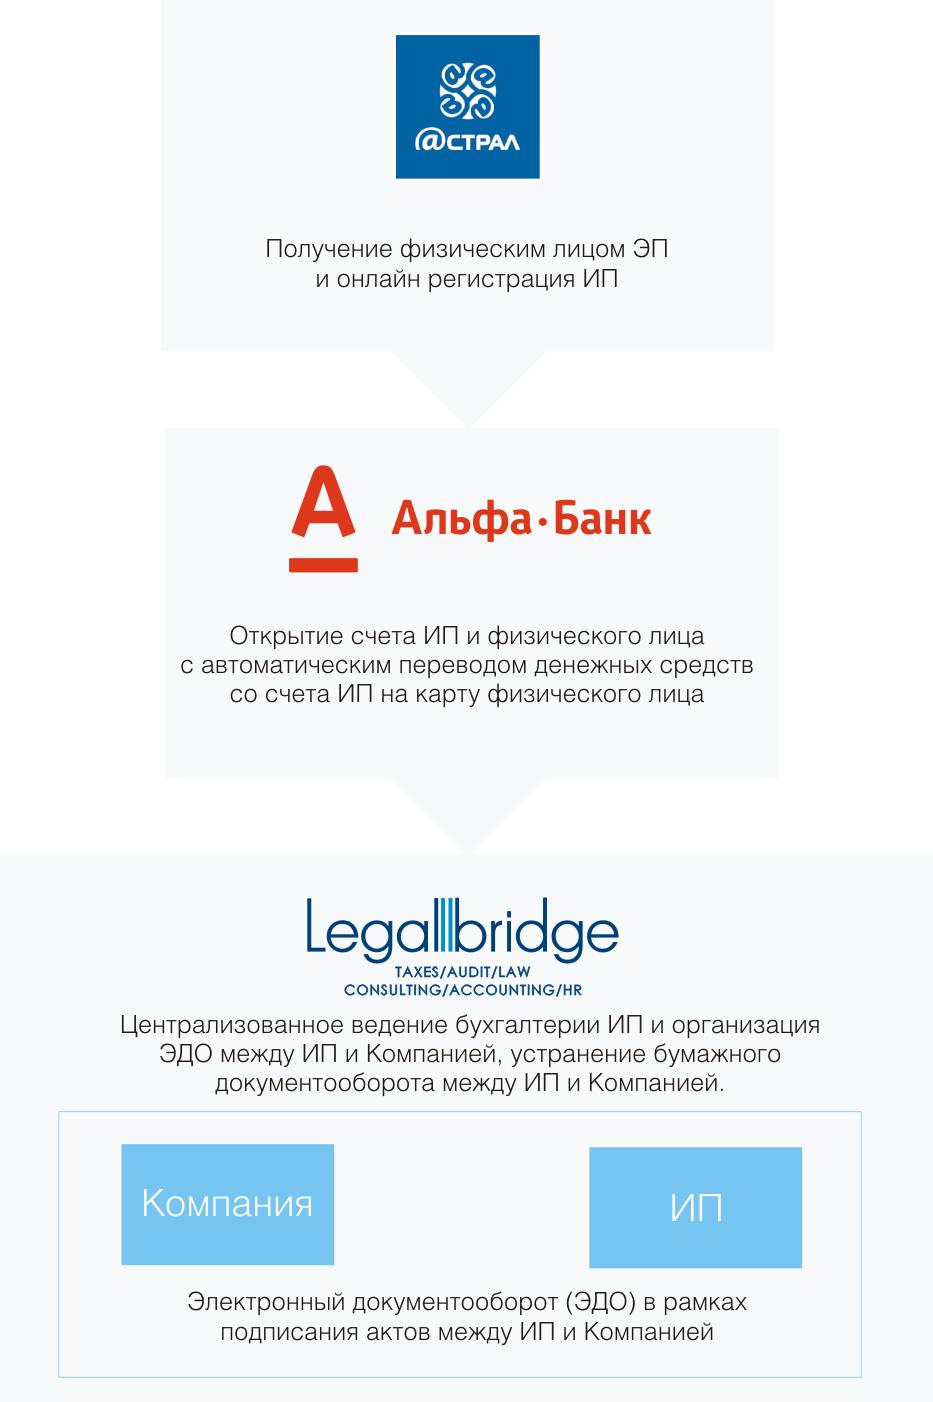 Схема взаимодействия ИП, компании и др.